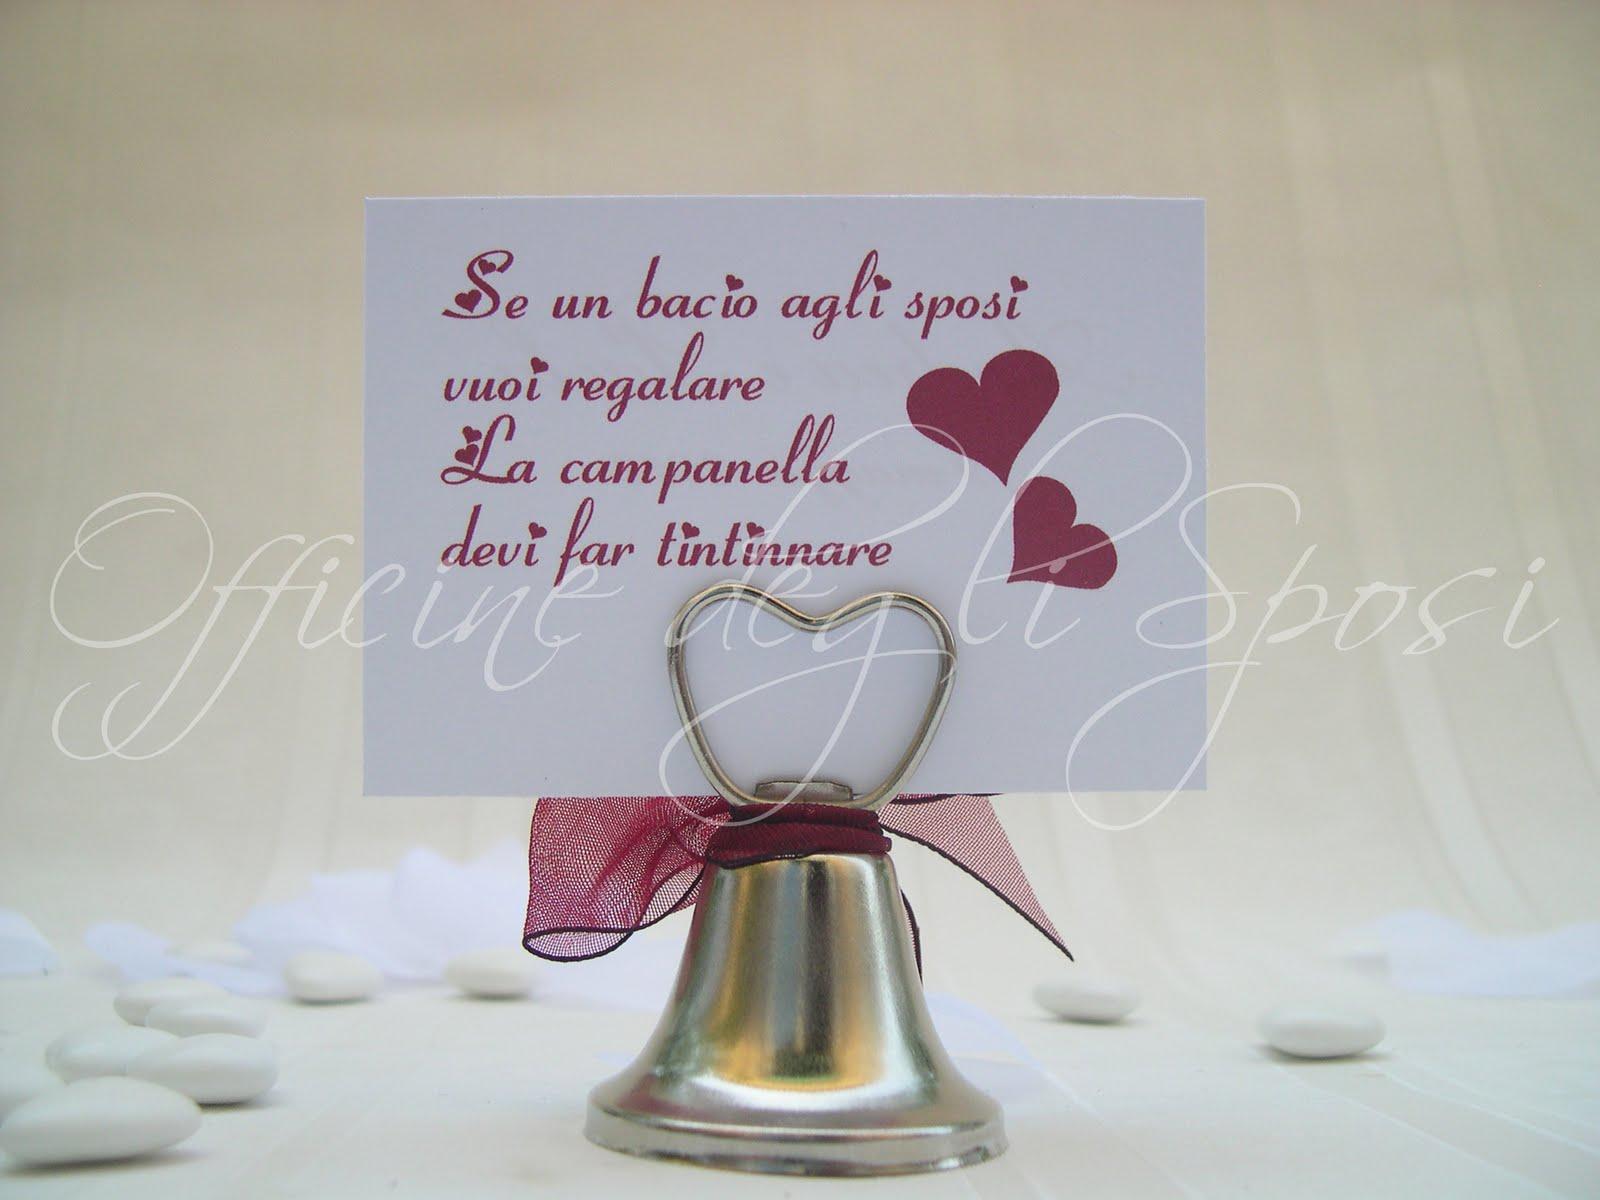 Frasi Auguri Matrimonio E Battesimo Insieme : Frasi ringraziamento matrimonio segnaposto